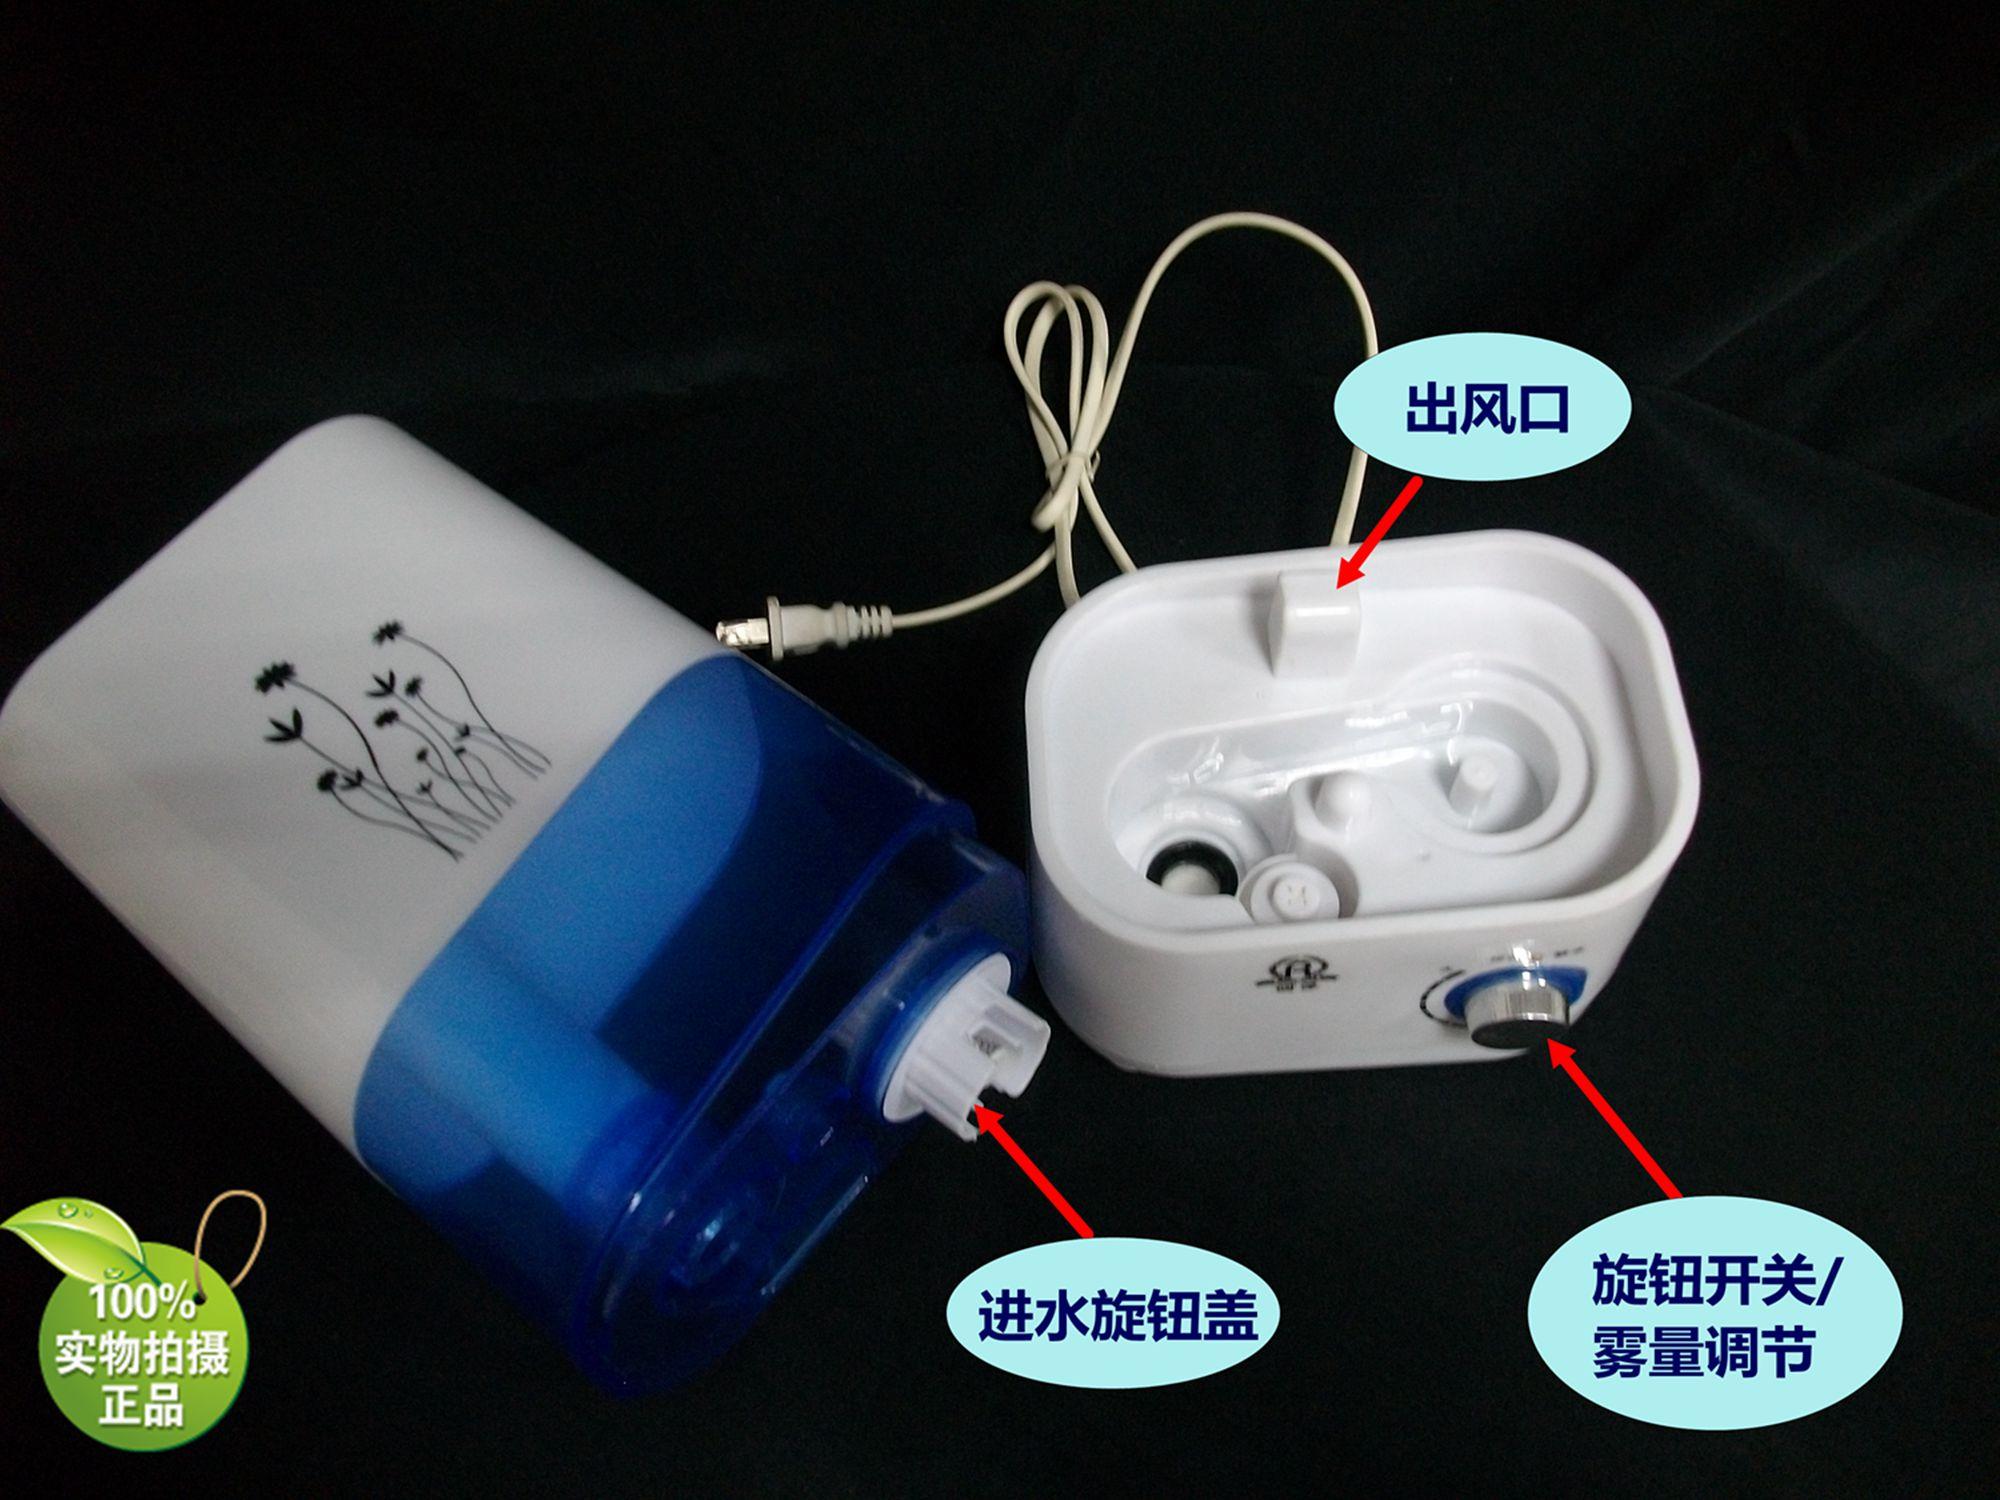 .   加湿器原理图,电路图?   :  再经过震荡电路把直流电变成高频图片